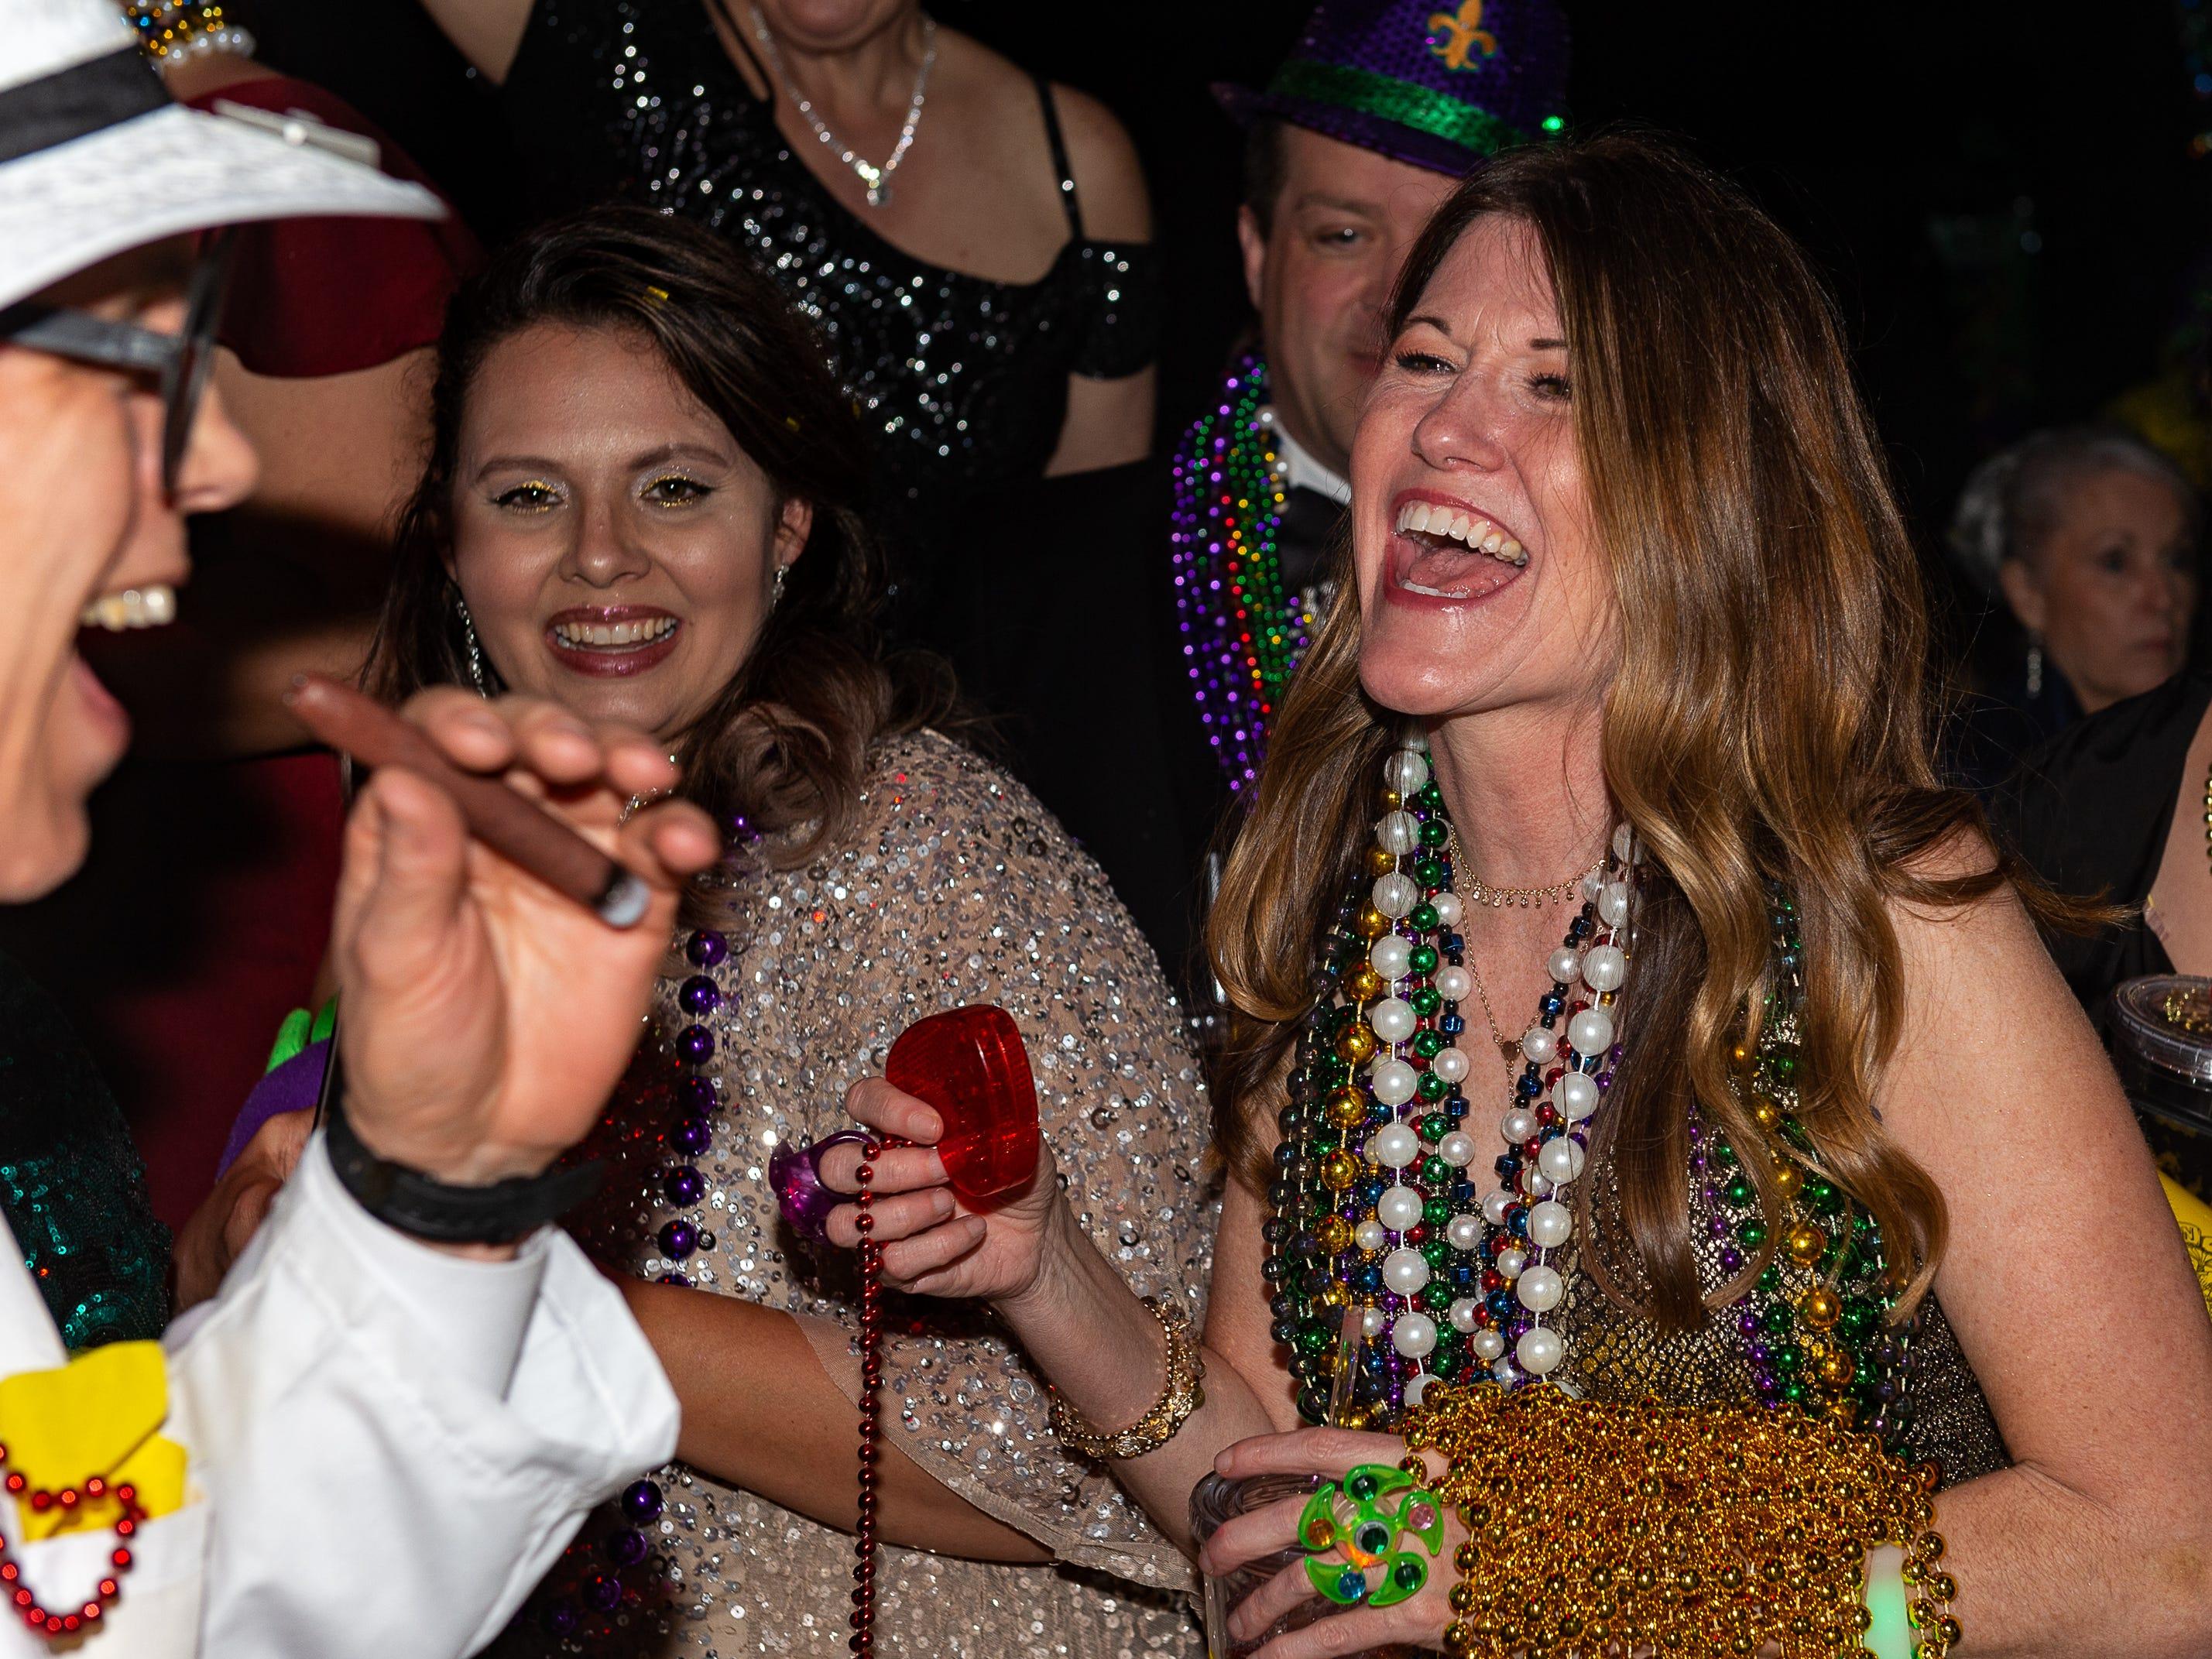 Triton Mardi Gras Ball. Saturday, March 2, 2019.